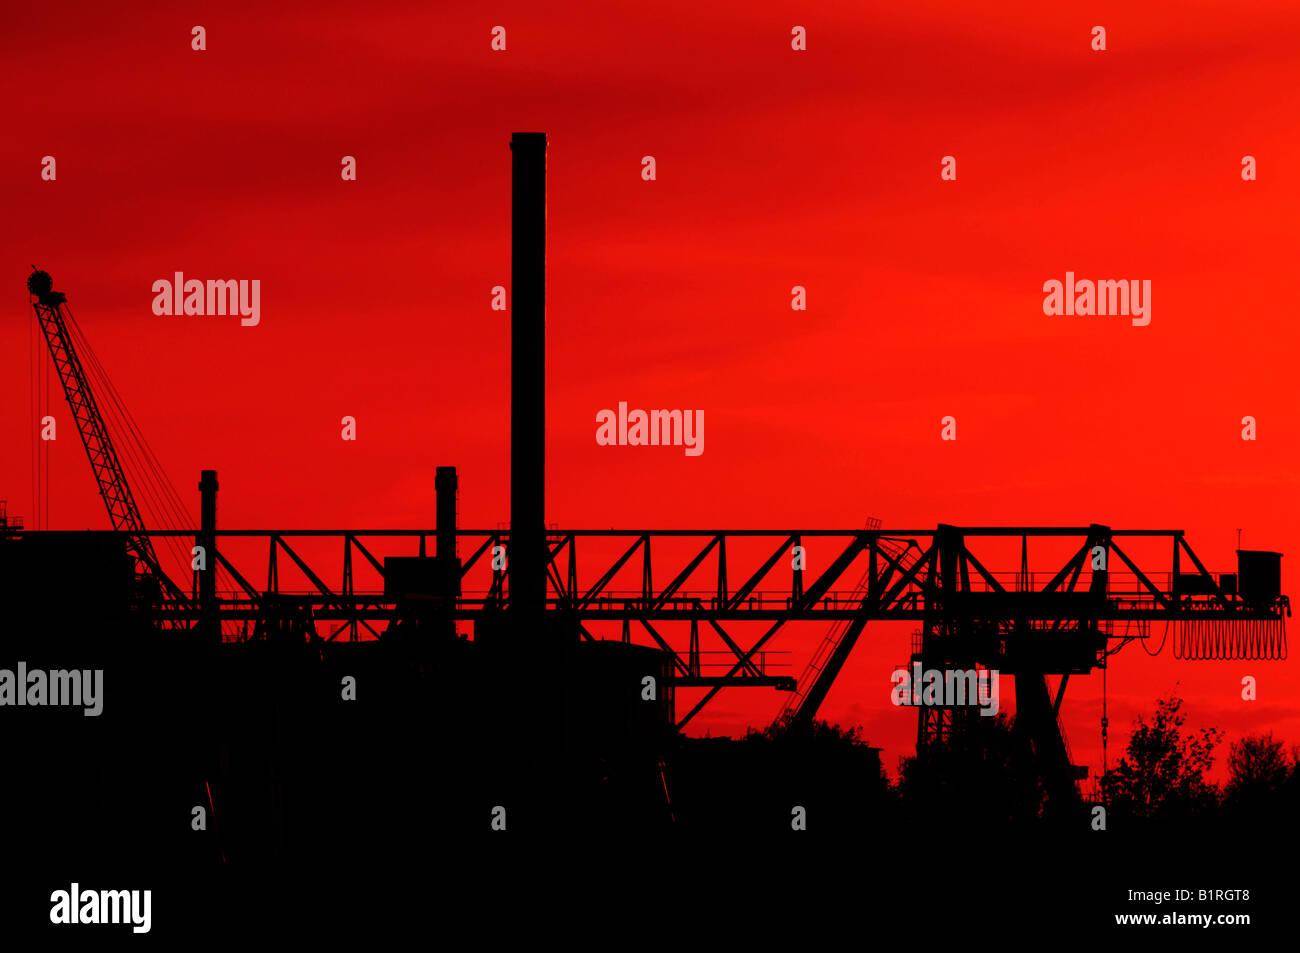 Krane, die Silhouette einer Industrieanlage, Düsseldorf, Nordrhein-Westfalen, Deutschland Stockbild